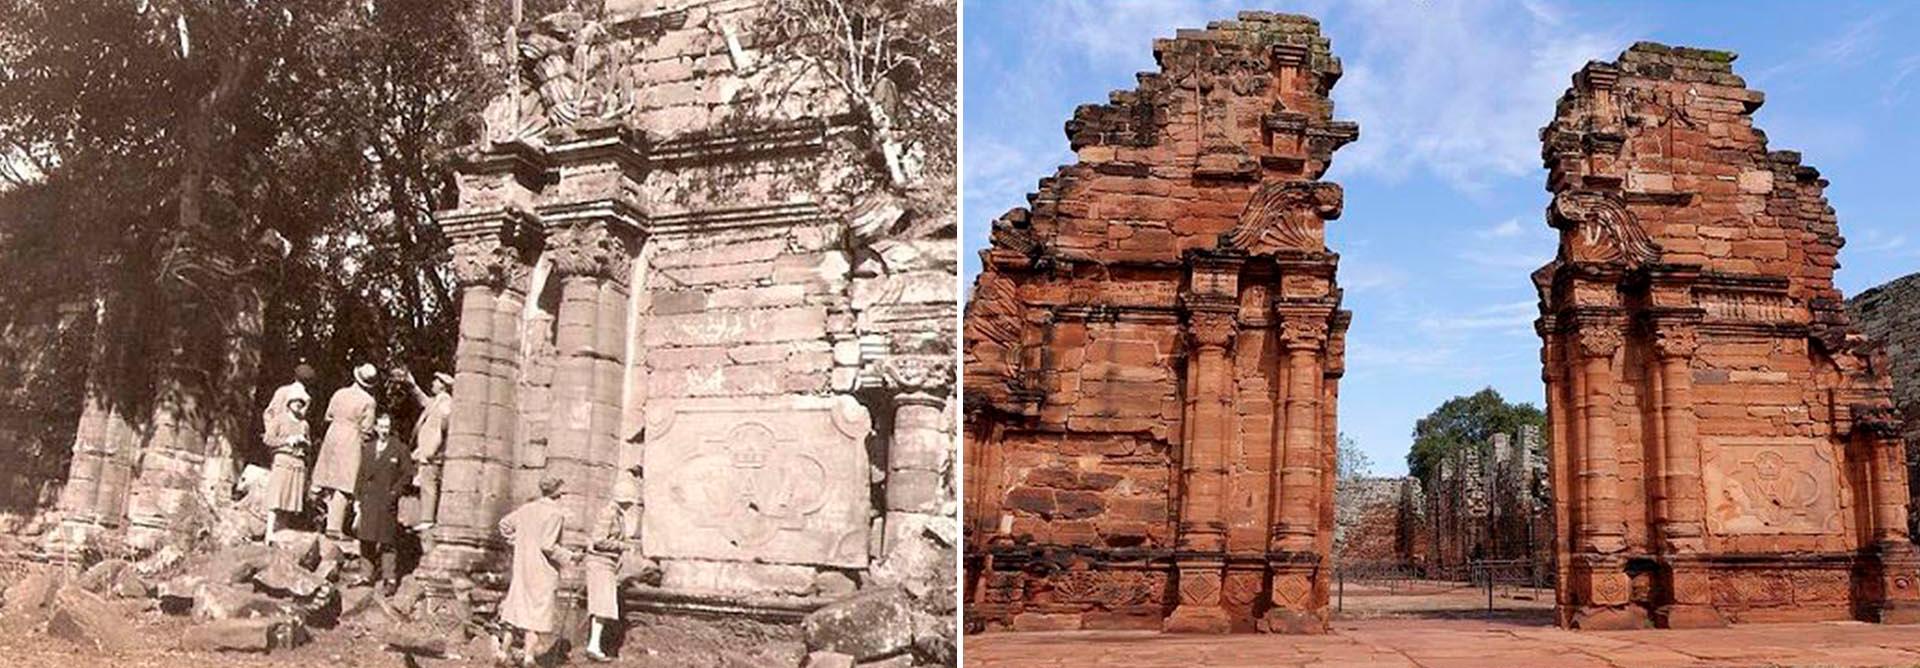 Las Ruinas de San Ignacio, en Misiones, como se encontraban antes de su restauración y hoy